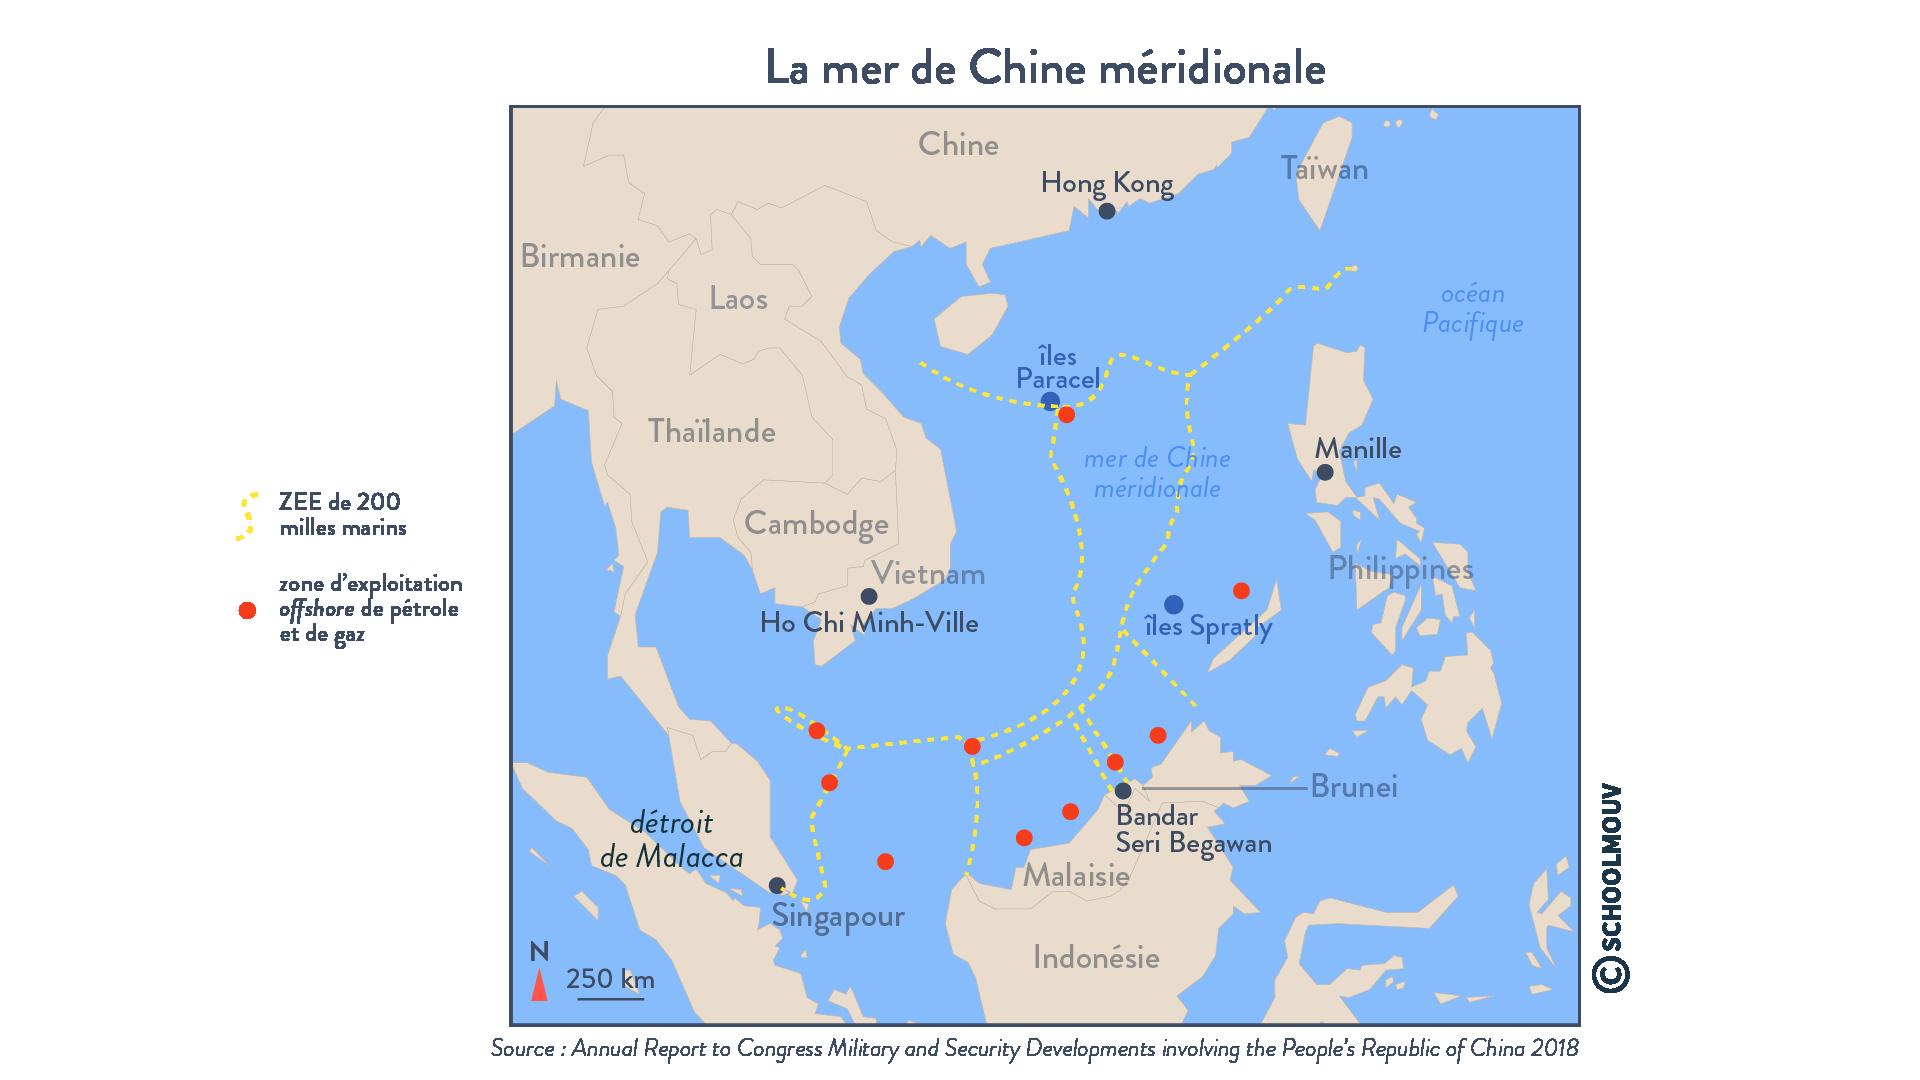 La mer de Chine méridionale - géographie - terminale - SchoolMouv